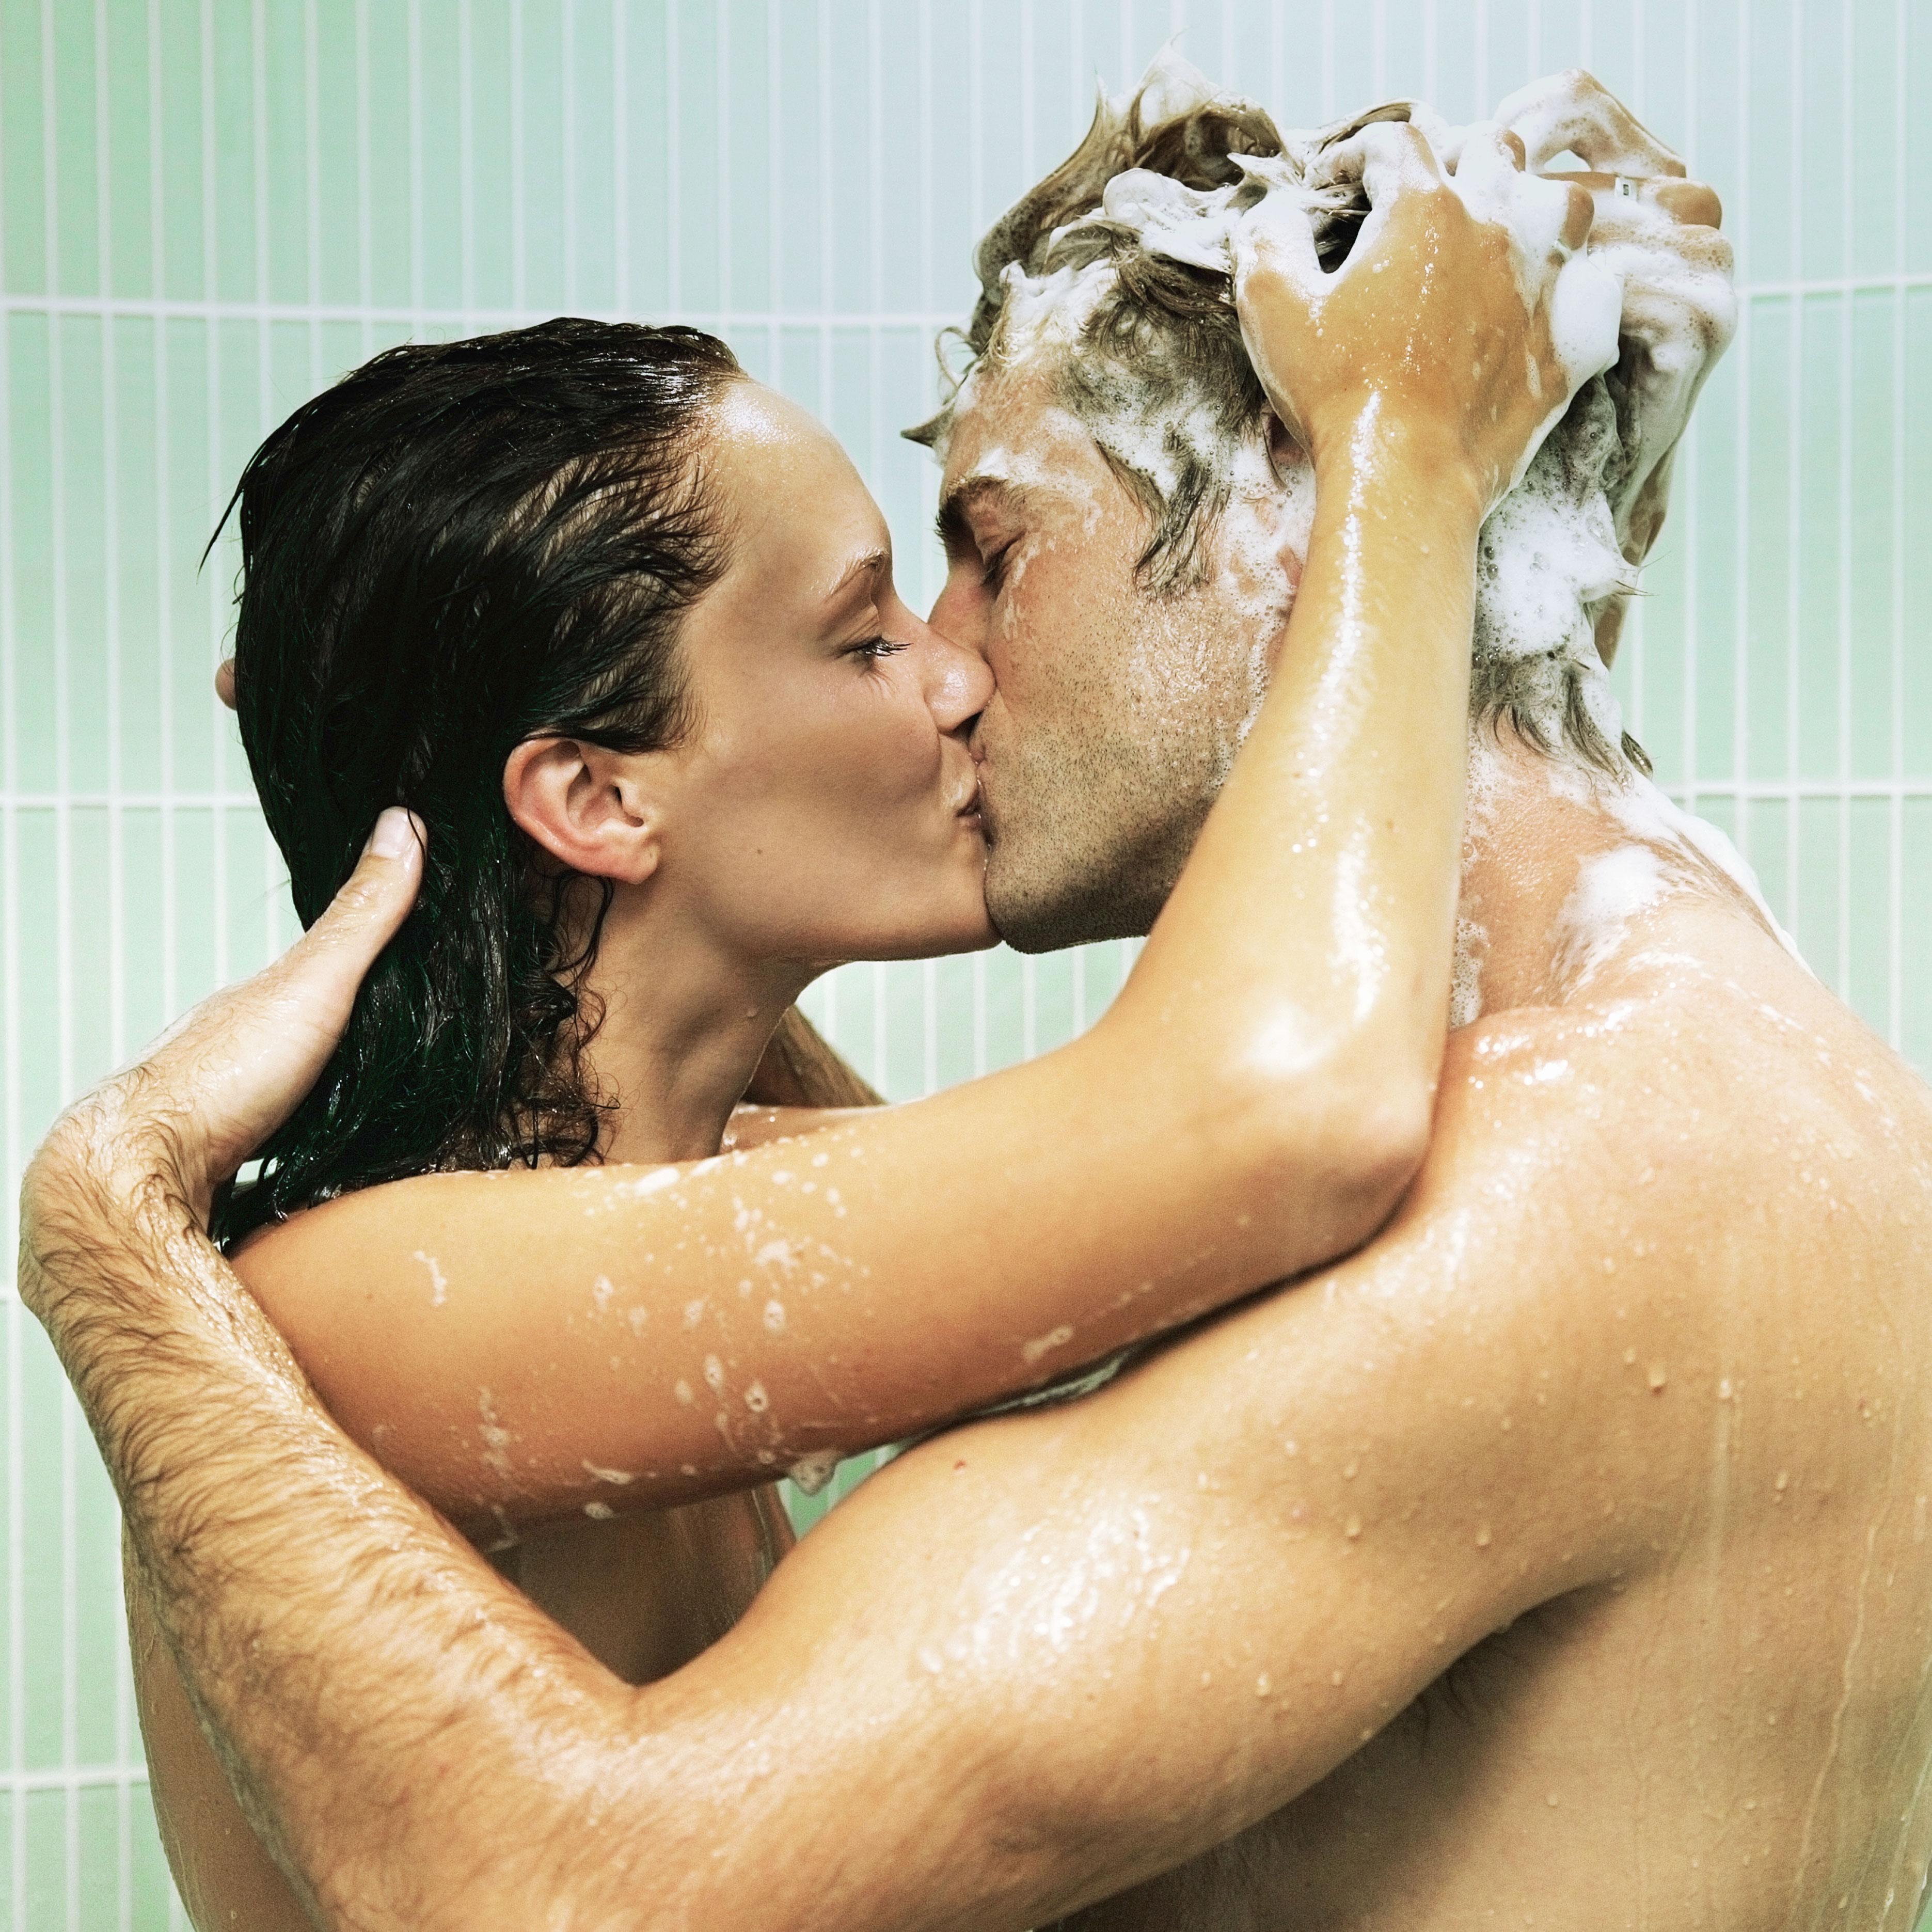 Как парень и девушка занимаются любовью в ванной